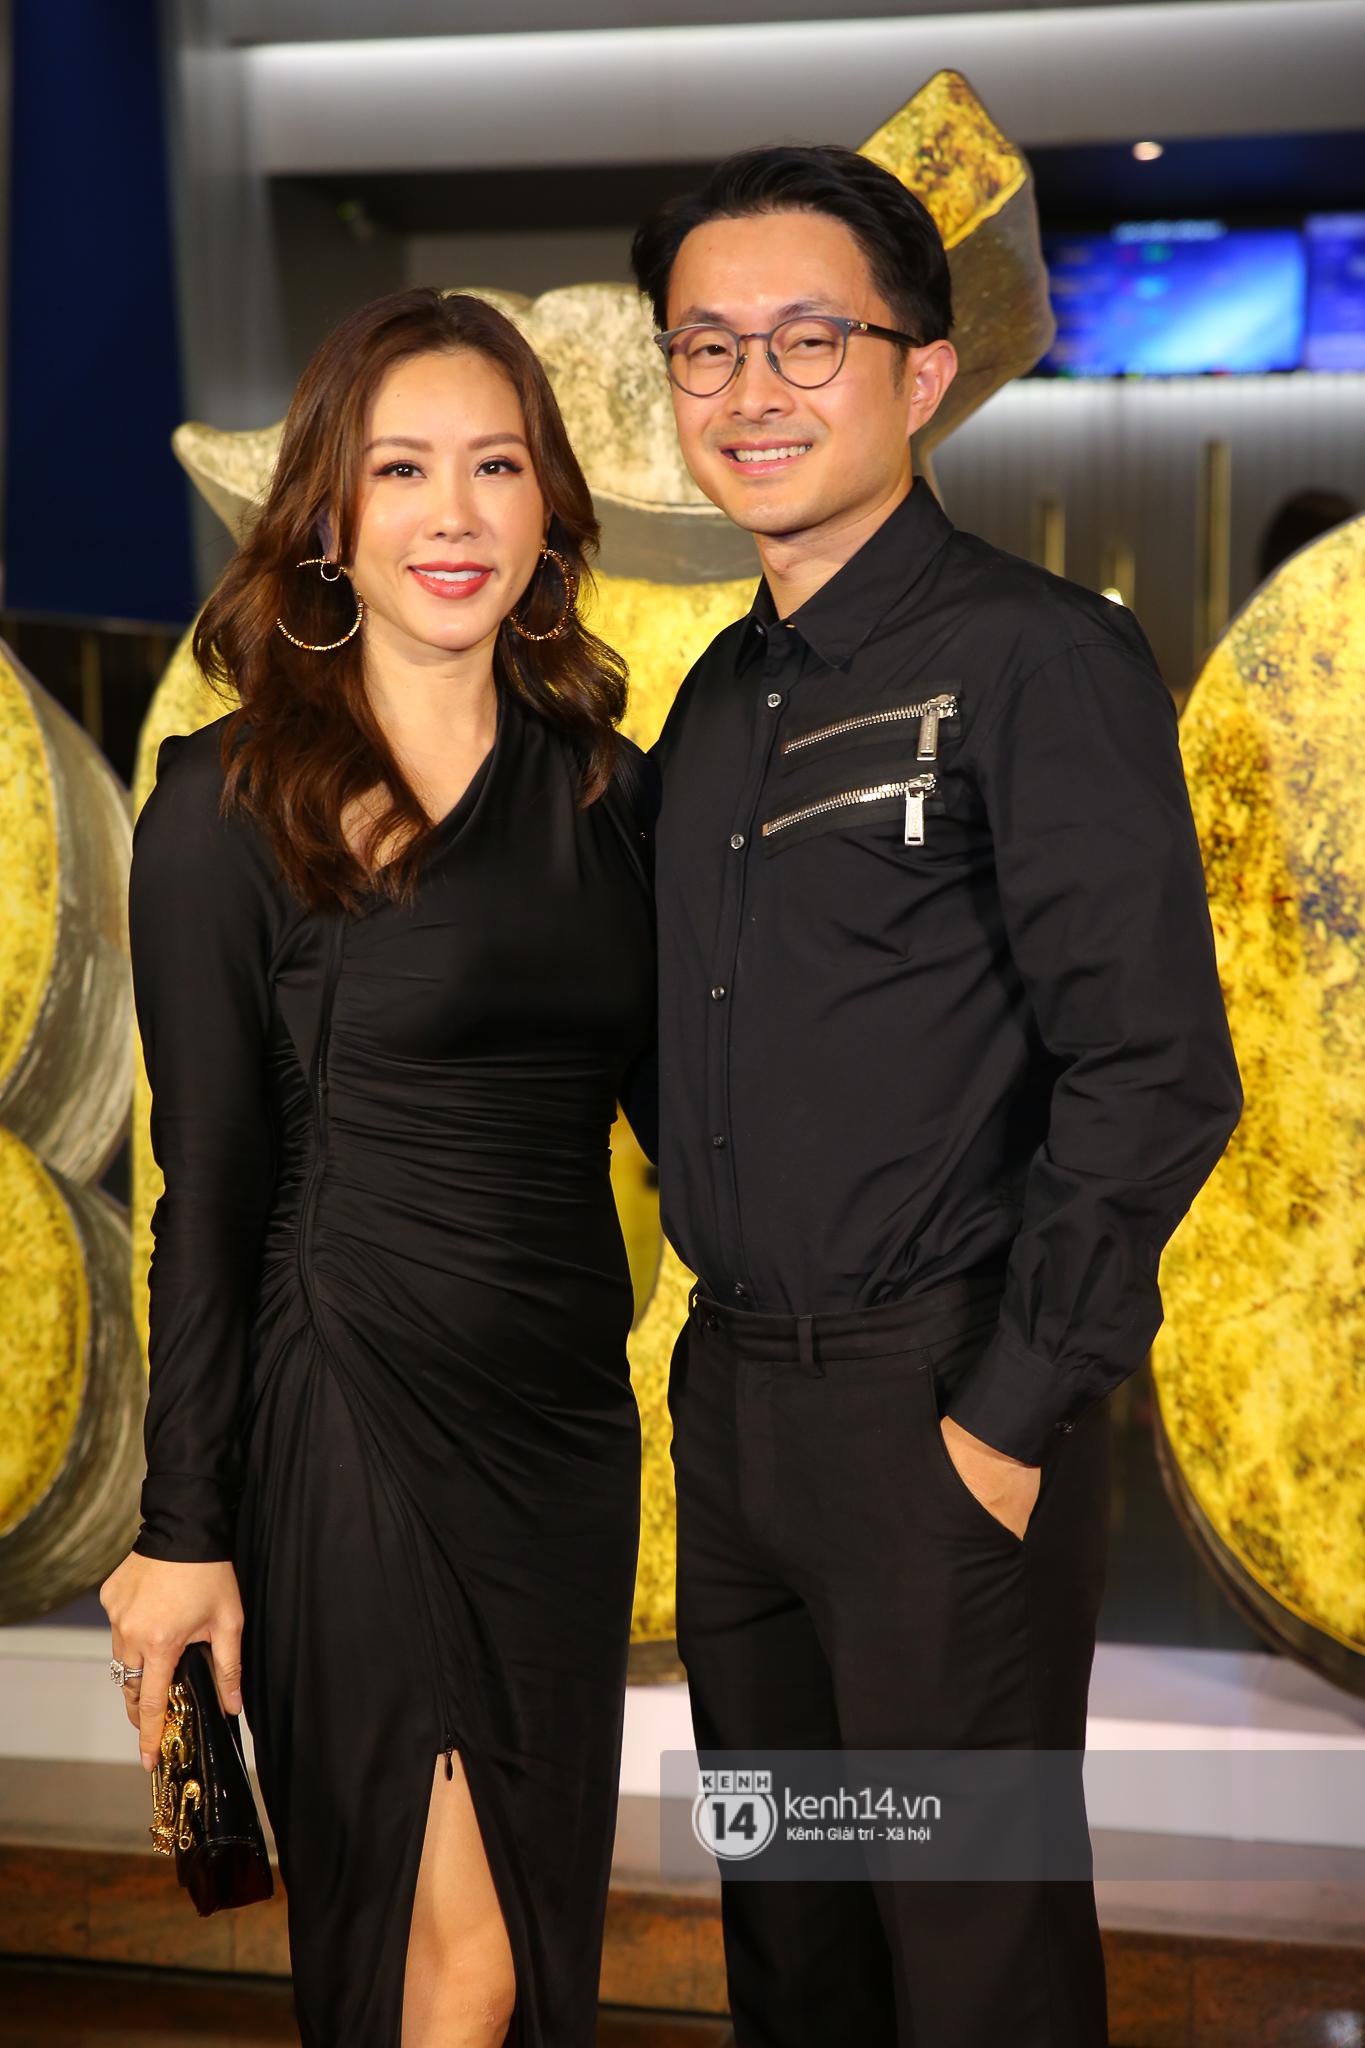 Cặp đôi nhà Đông Nhi, Lệ Quyên thi nhau show ân ái không kém cạnh Trấn Thành - Hariwon ở siêu thảm đỏ Bố Già - Ảnh 5.